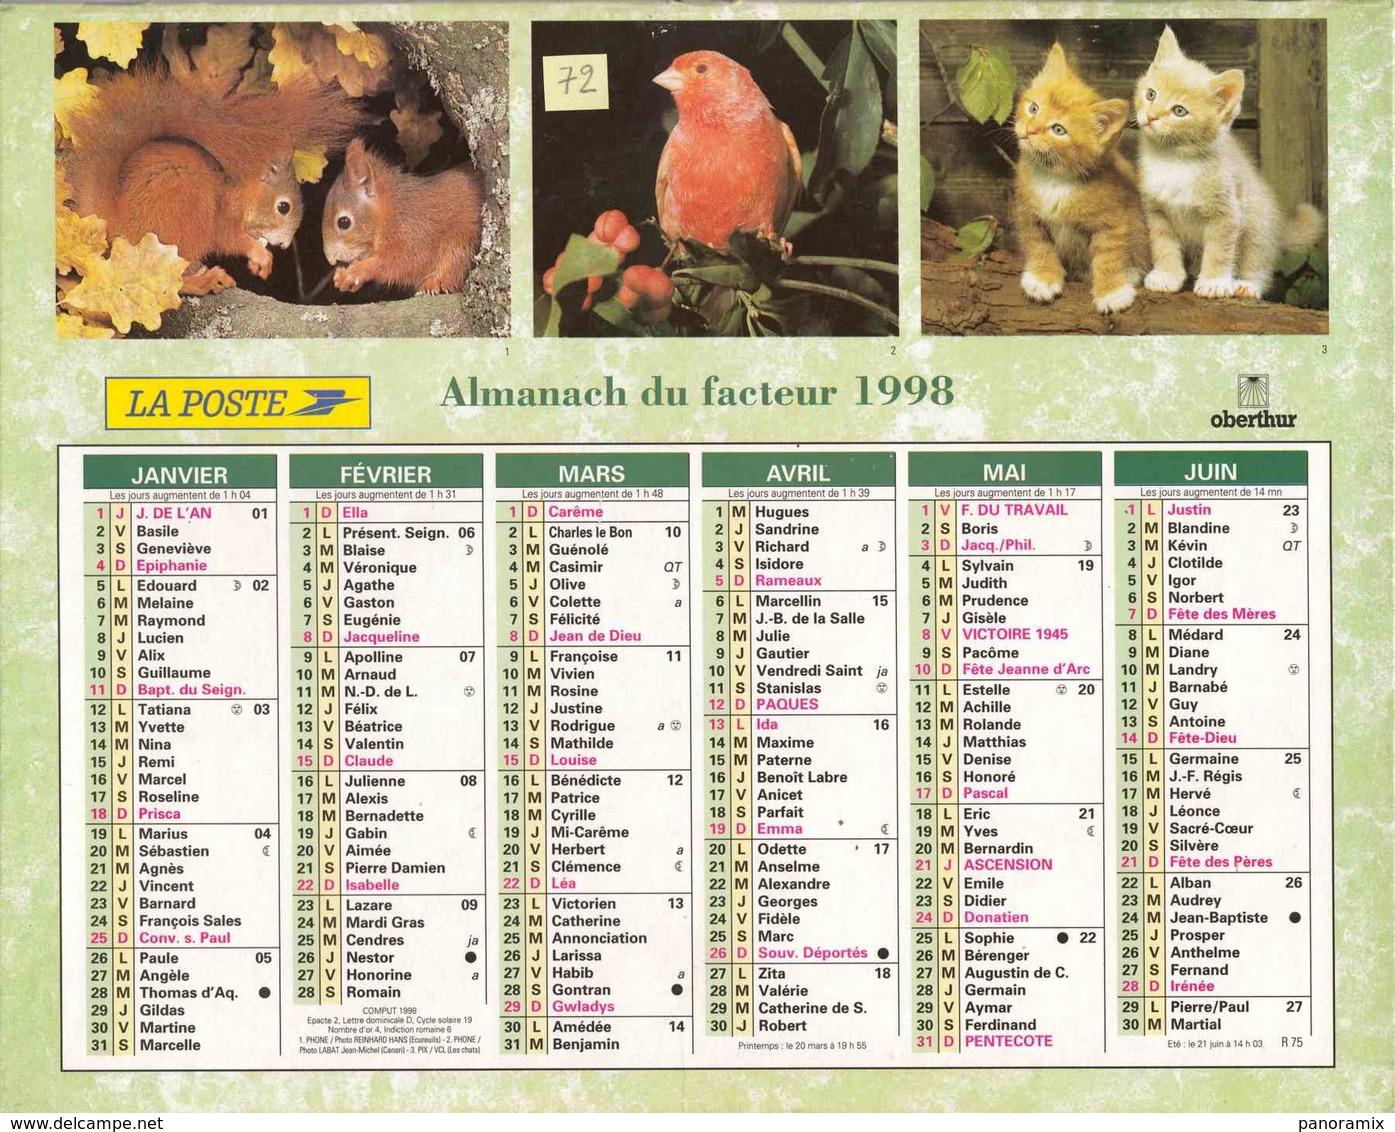 °° Calendrier Almanach La Poste 1998 Oberthur - Dépt 72 - Animaux Divers - Calendriers